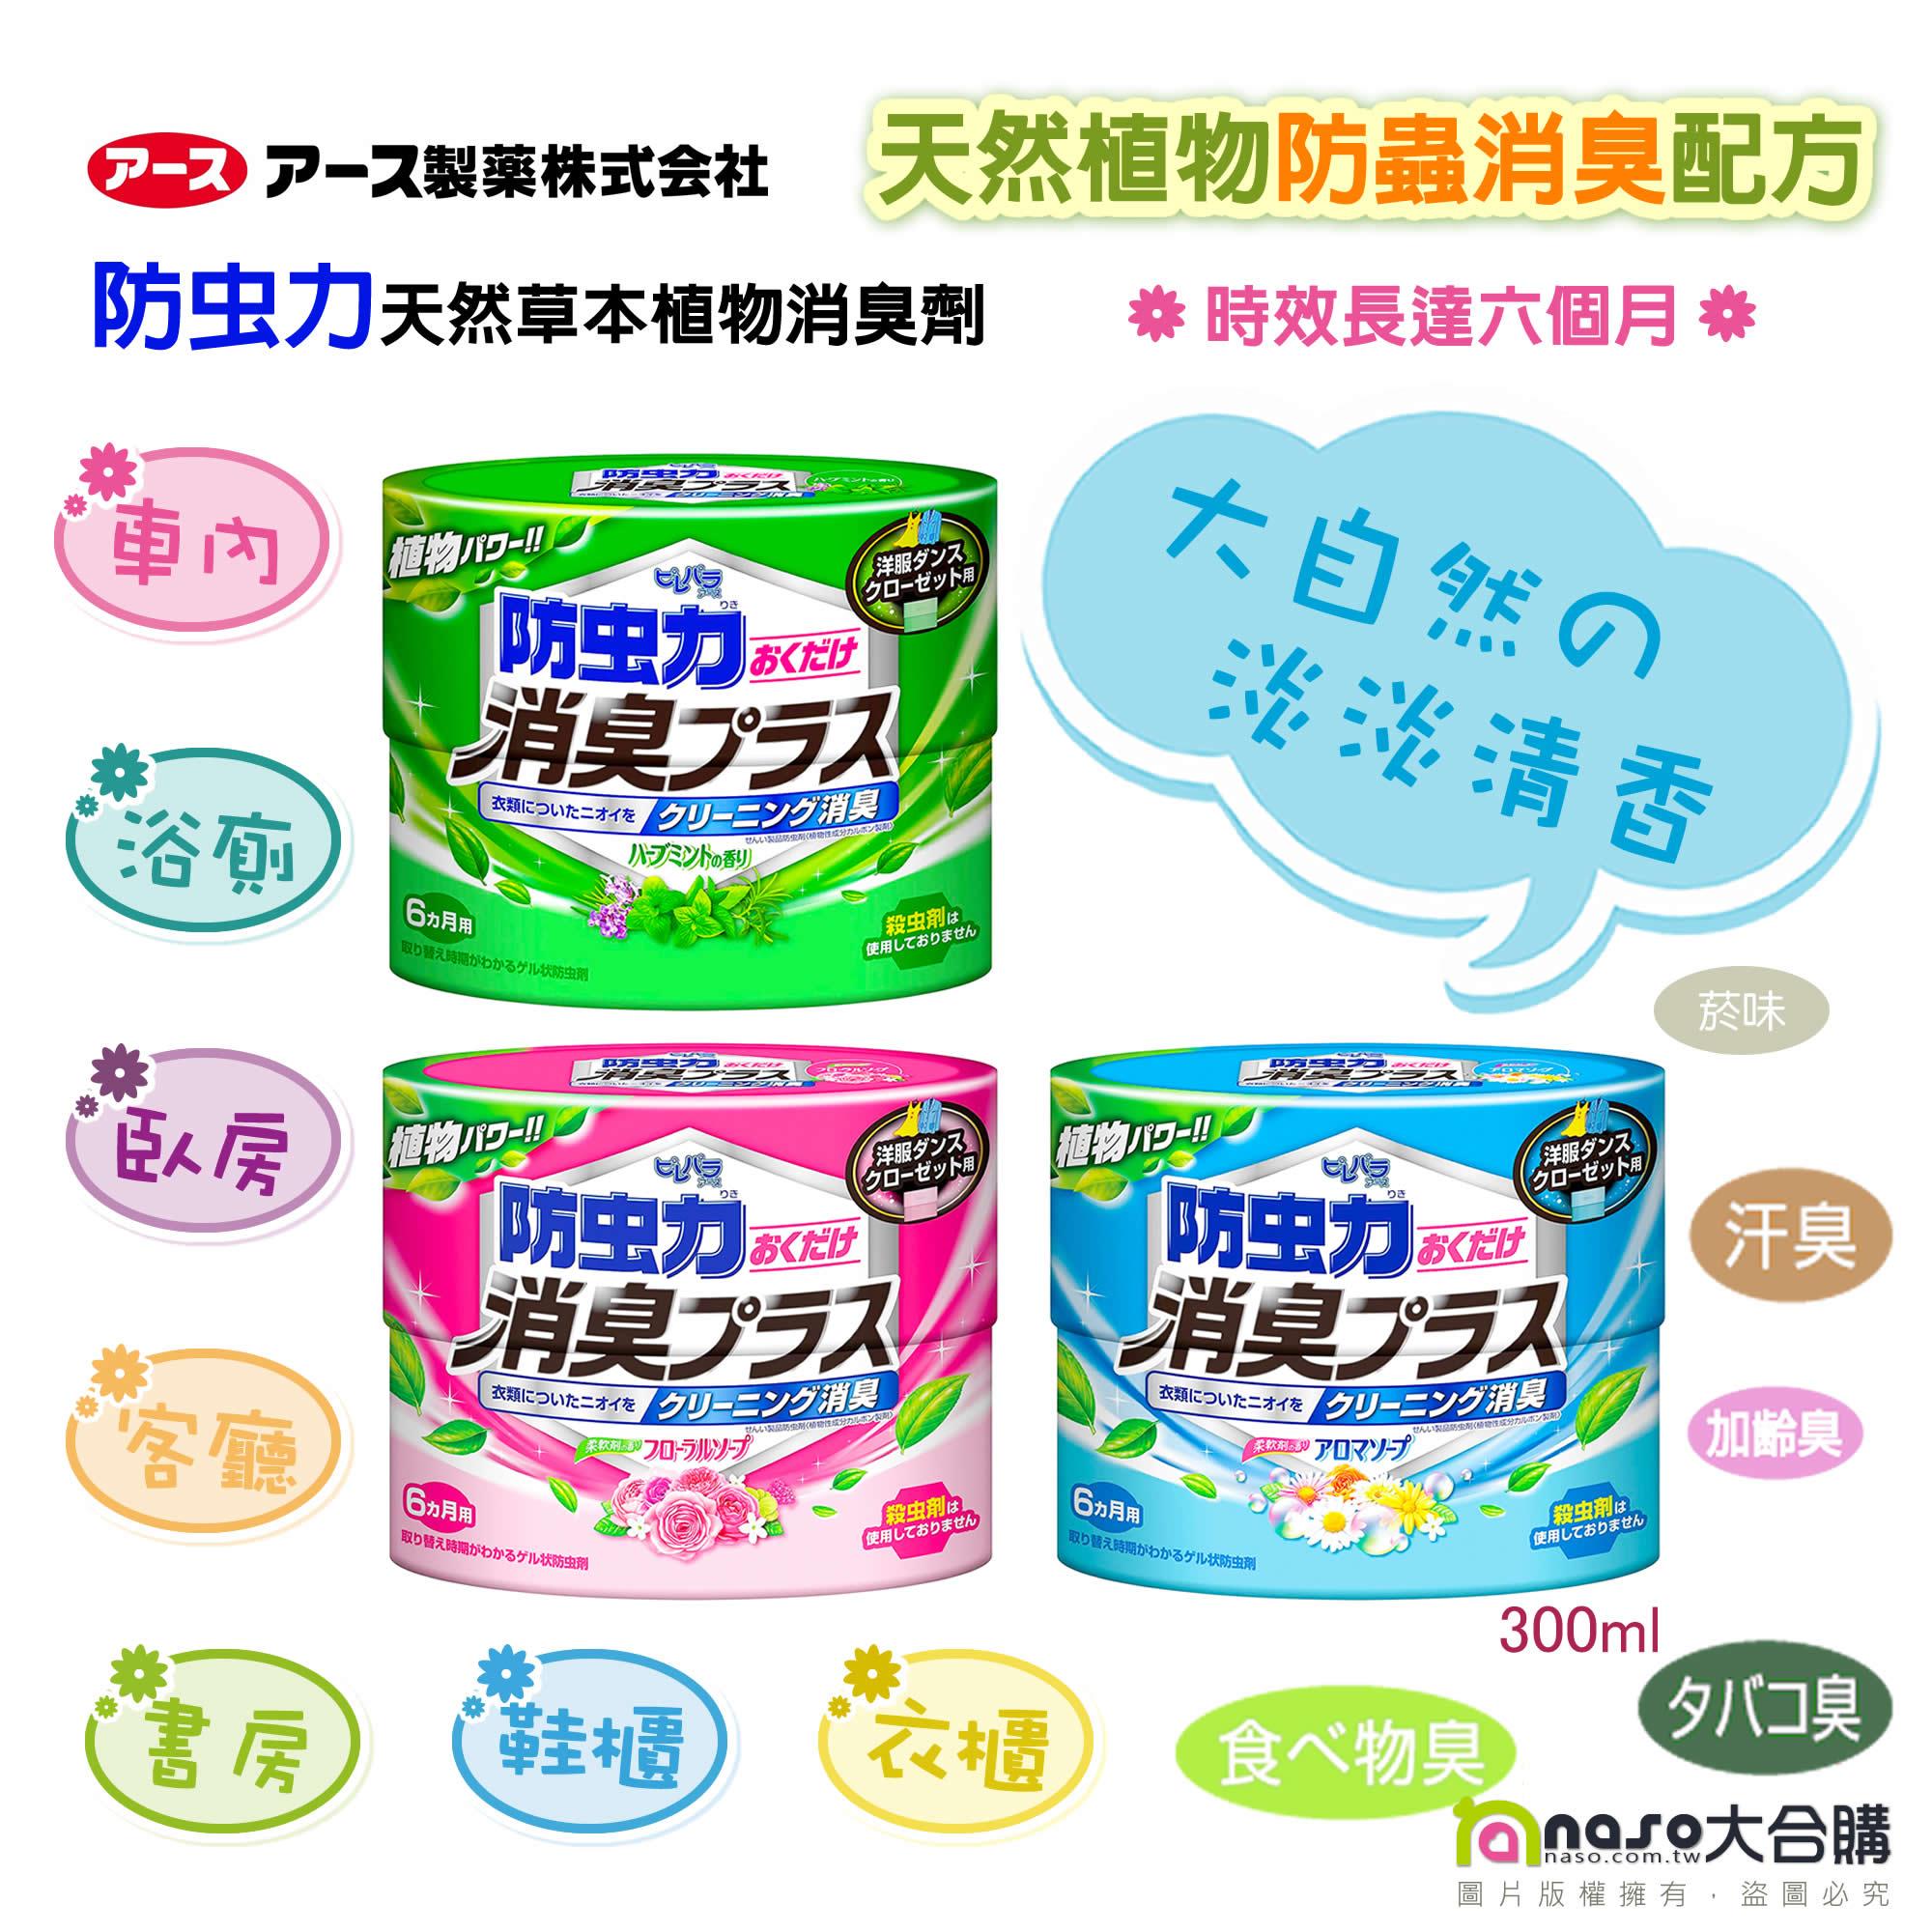 【夏日除臭大作戰】日本EARTH製藥 天然草本植物防蟲消臭劑 好評第11團